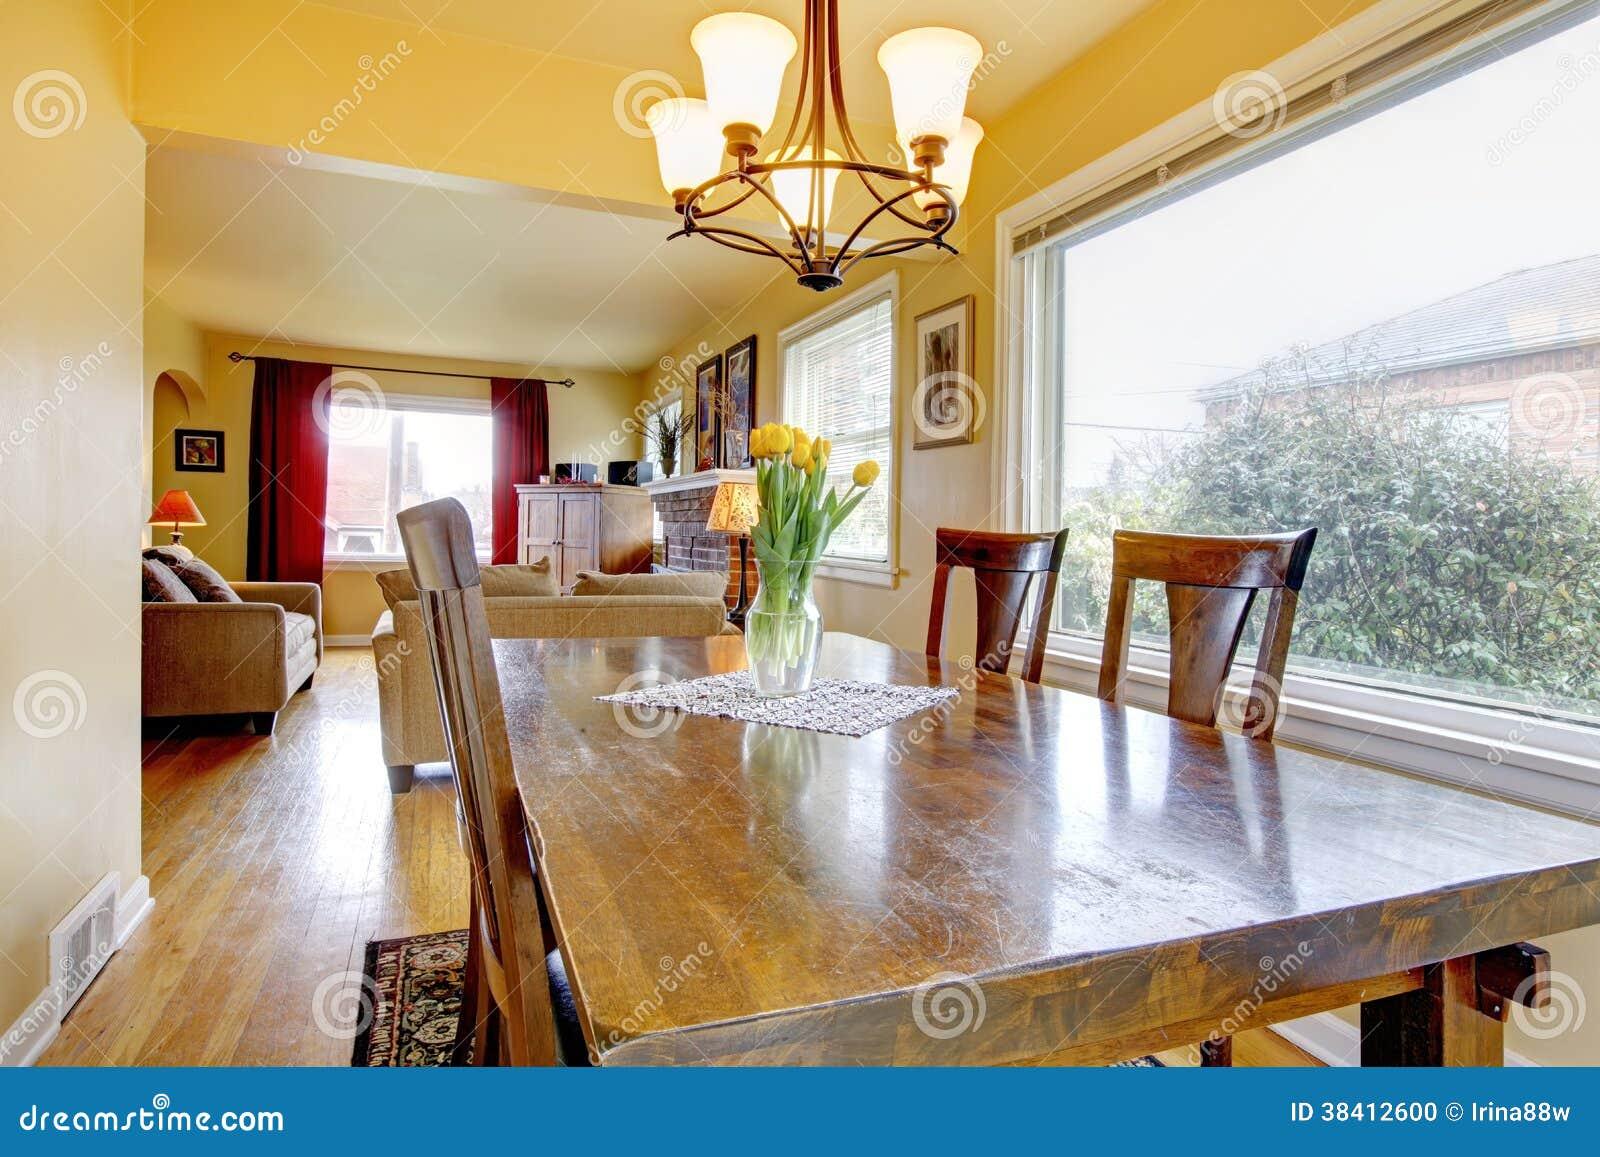 gemütliches kleines esszimmer. ansicht des wohnzimmers stockfoto